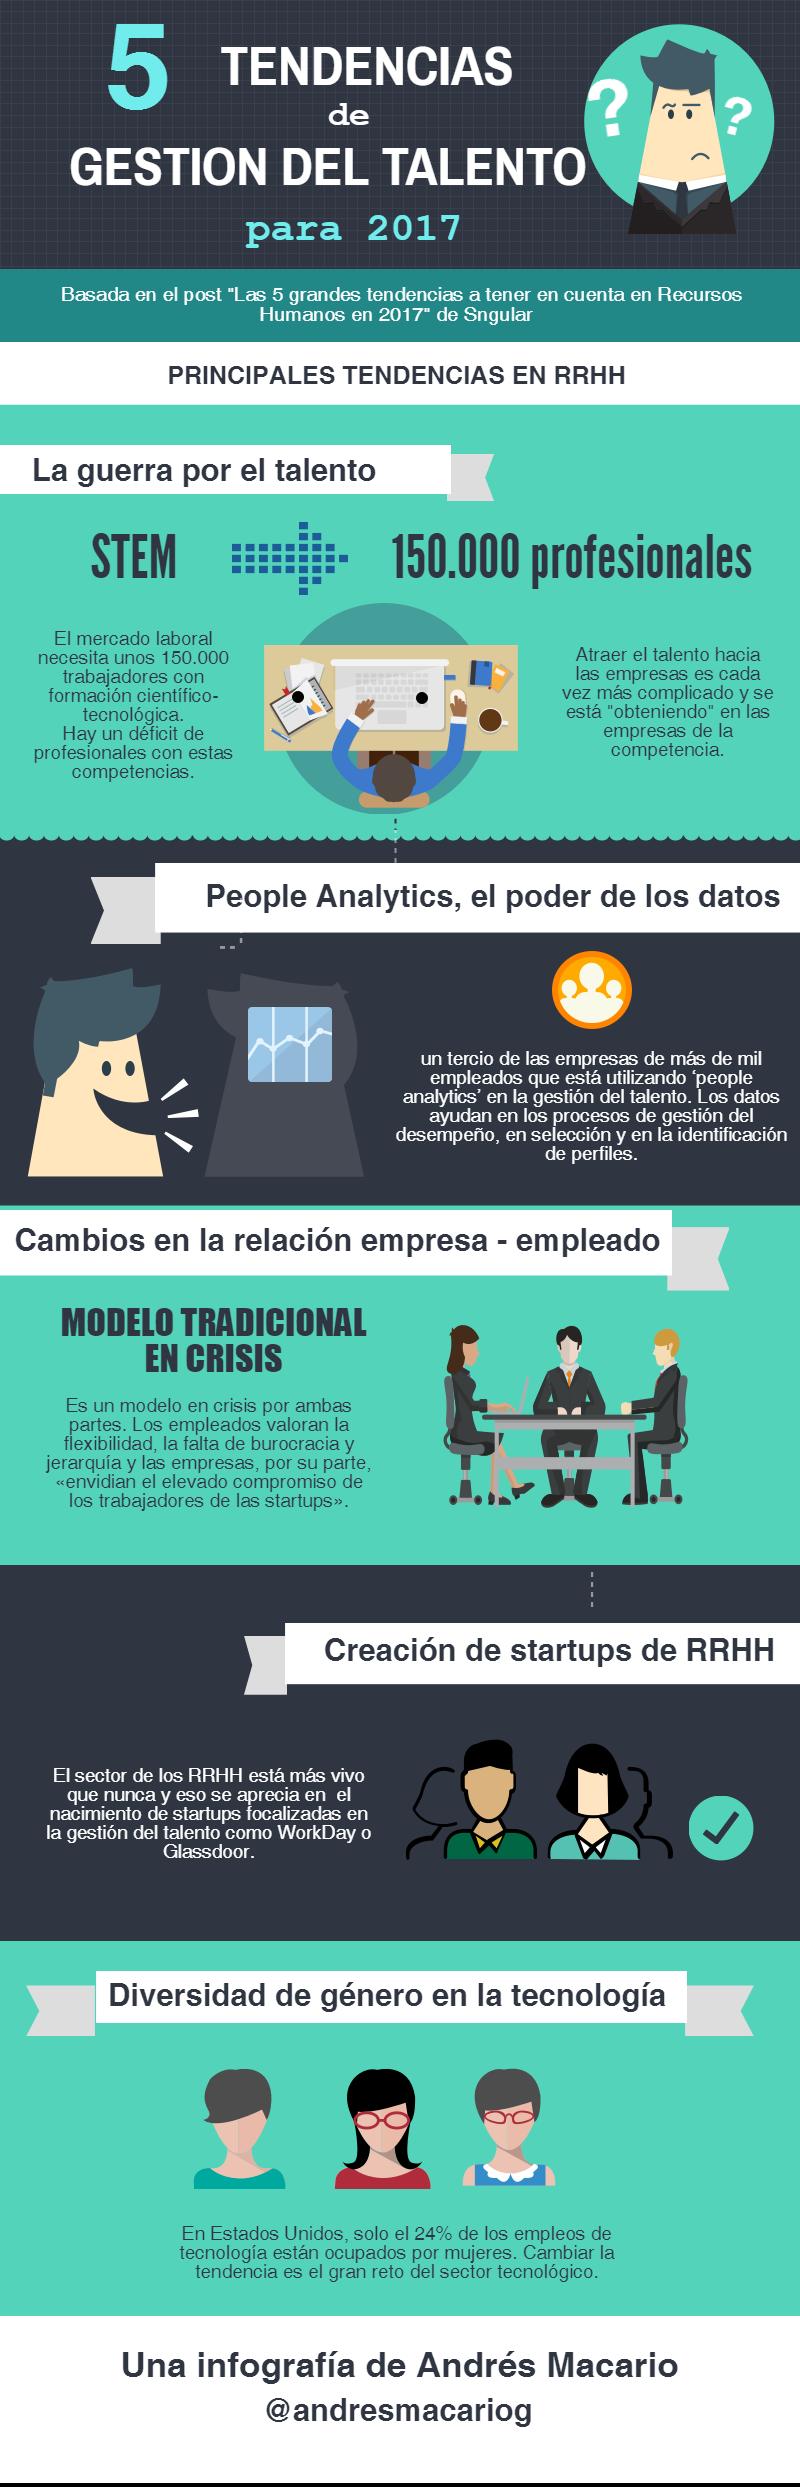 5 tendencias en gestion del talento para 2017- Infografia de Andres Macario